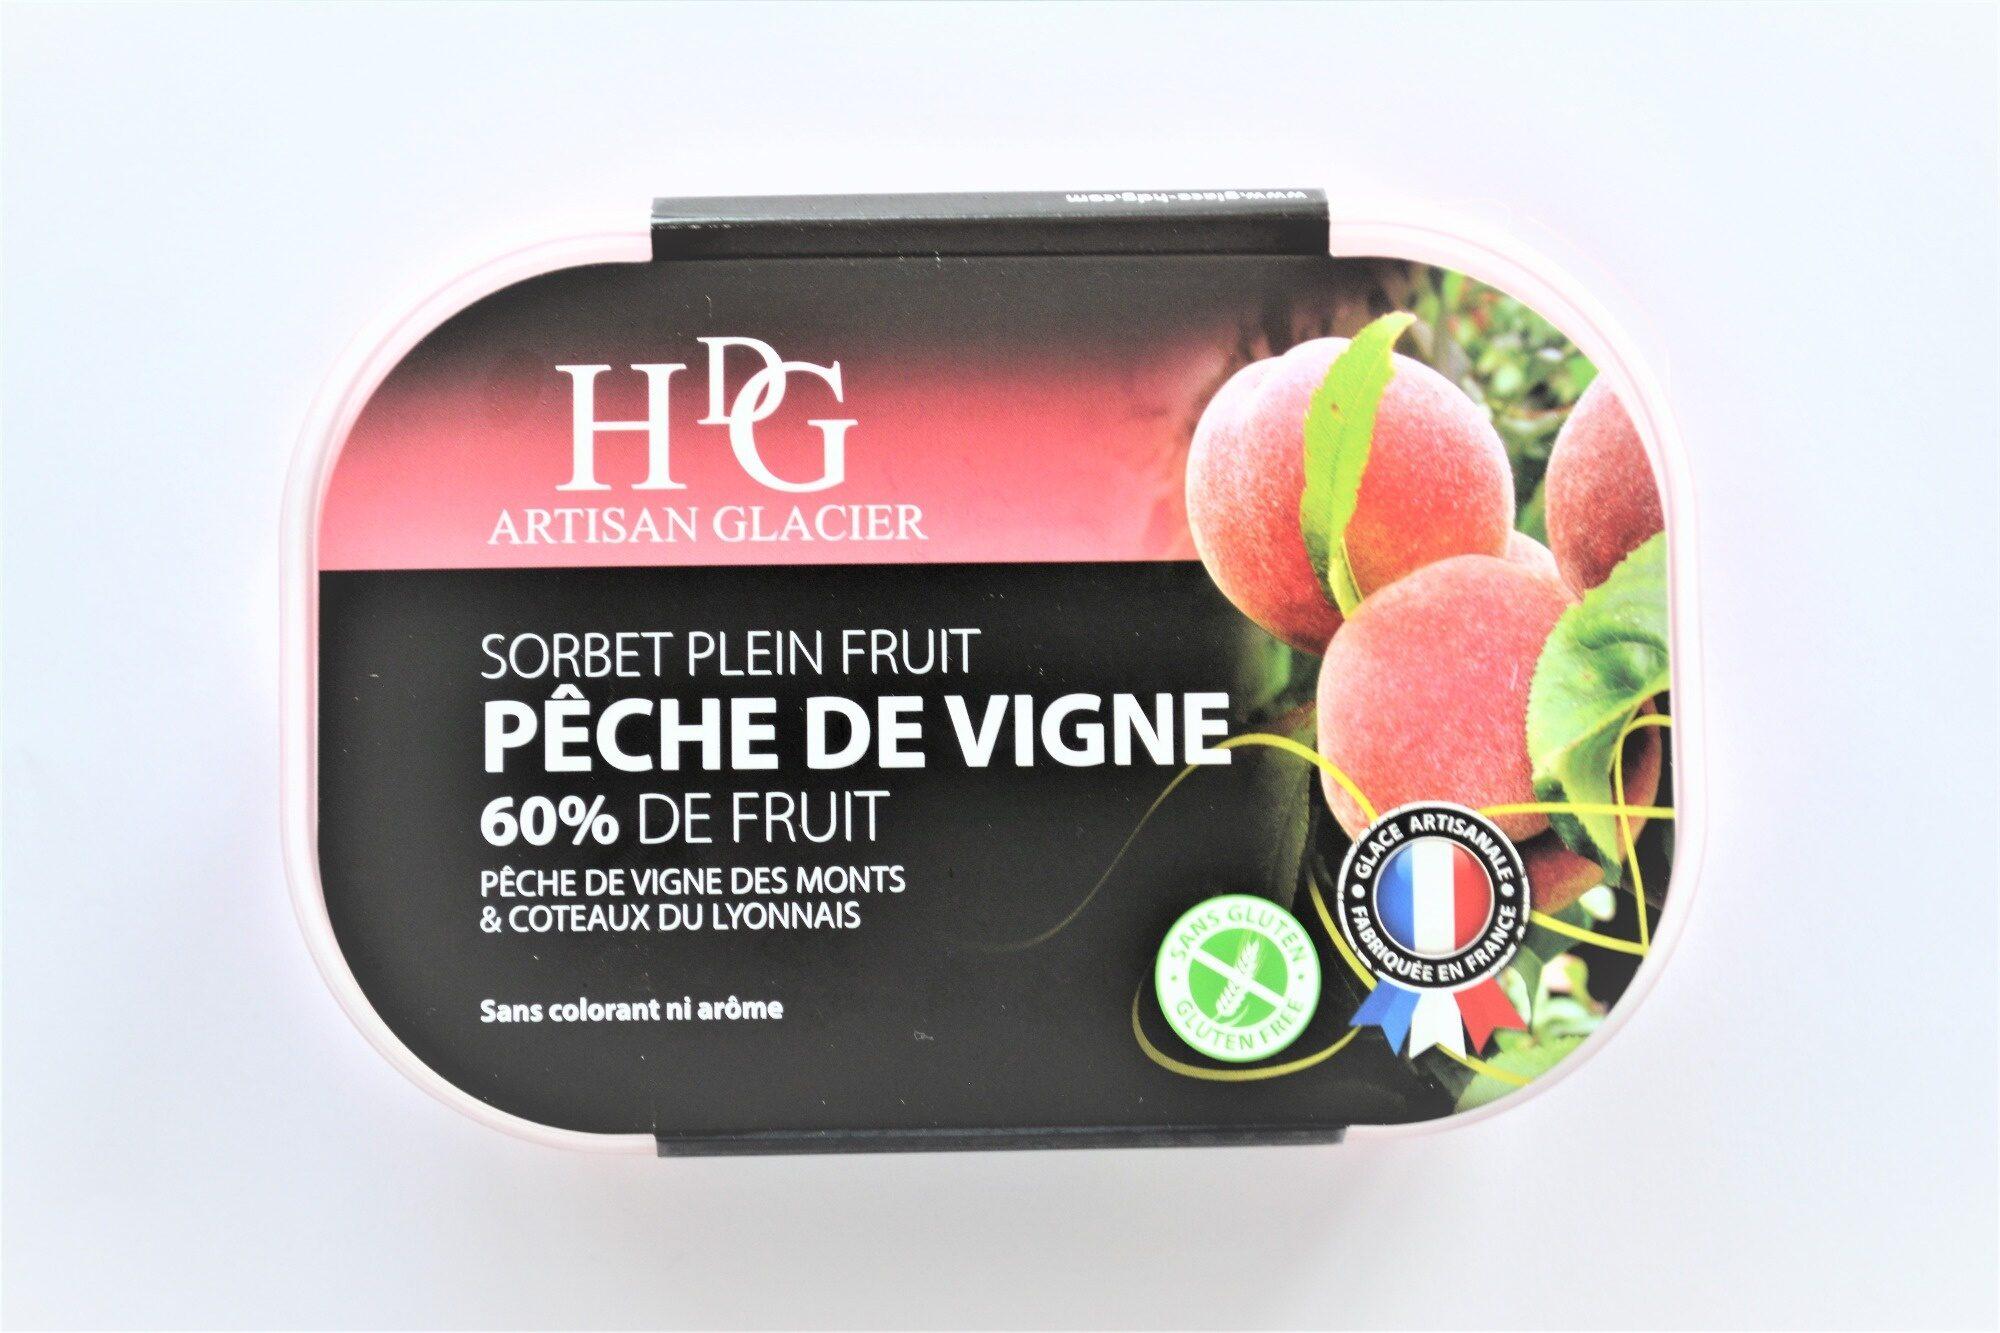 Sorbet plein fruit PÊCHE DE VIGNE des Monts & Coteaux du Lyonnais, 60% de fruit - Produit - fr